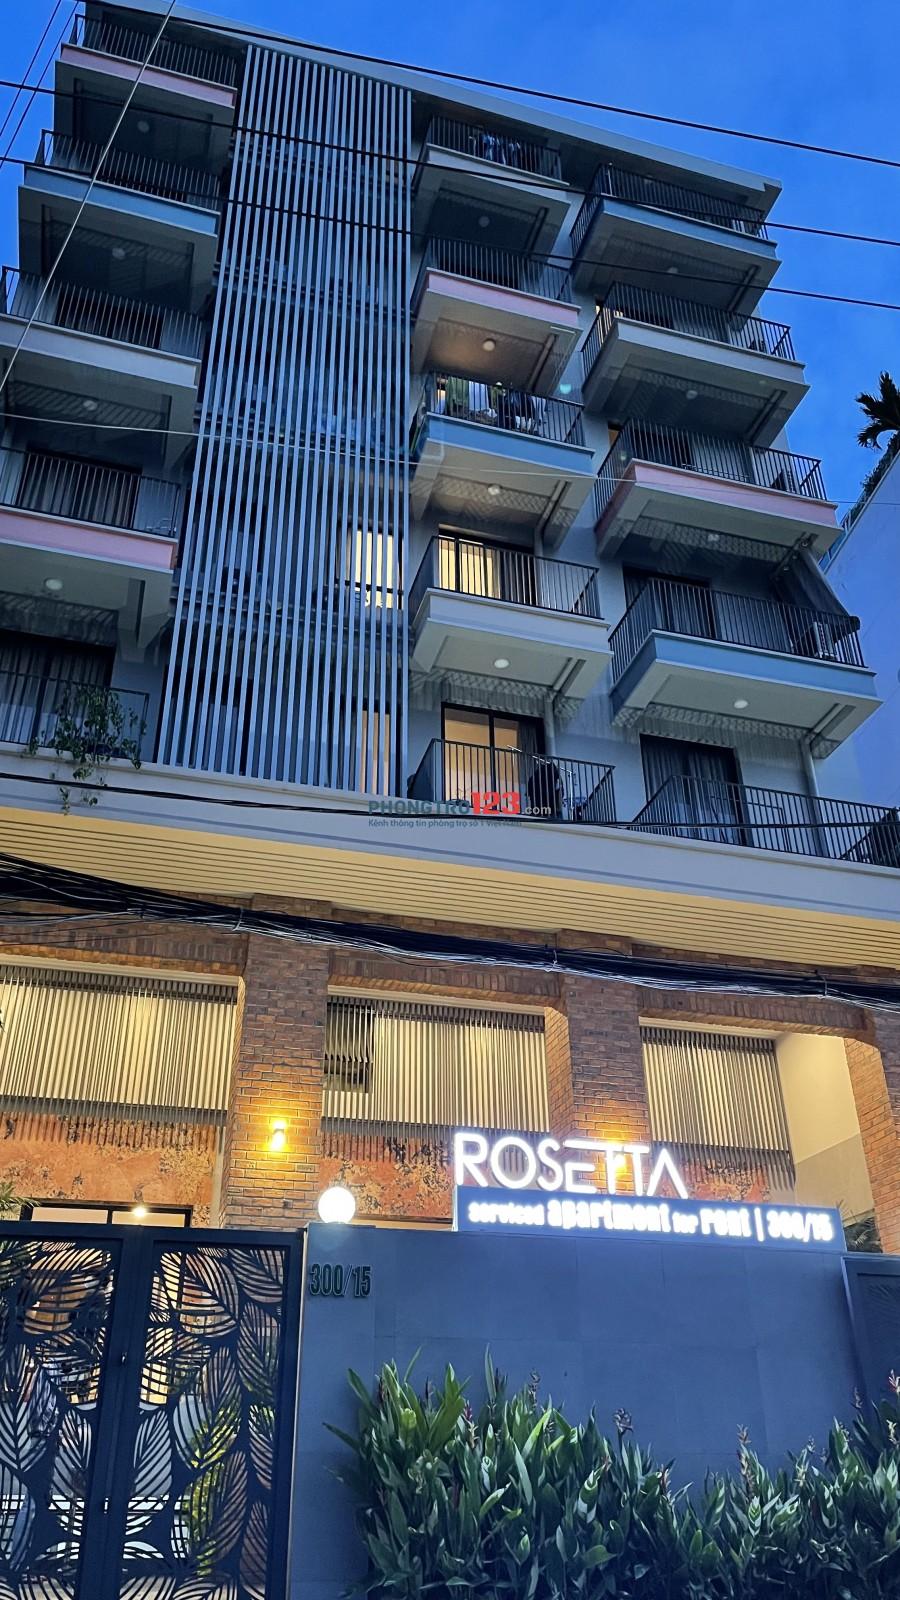 Căn hộ mini đủ nội thất Rosetta Quận 7. Có giảm giá cho các hợp đồng từ 1 năm